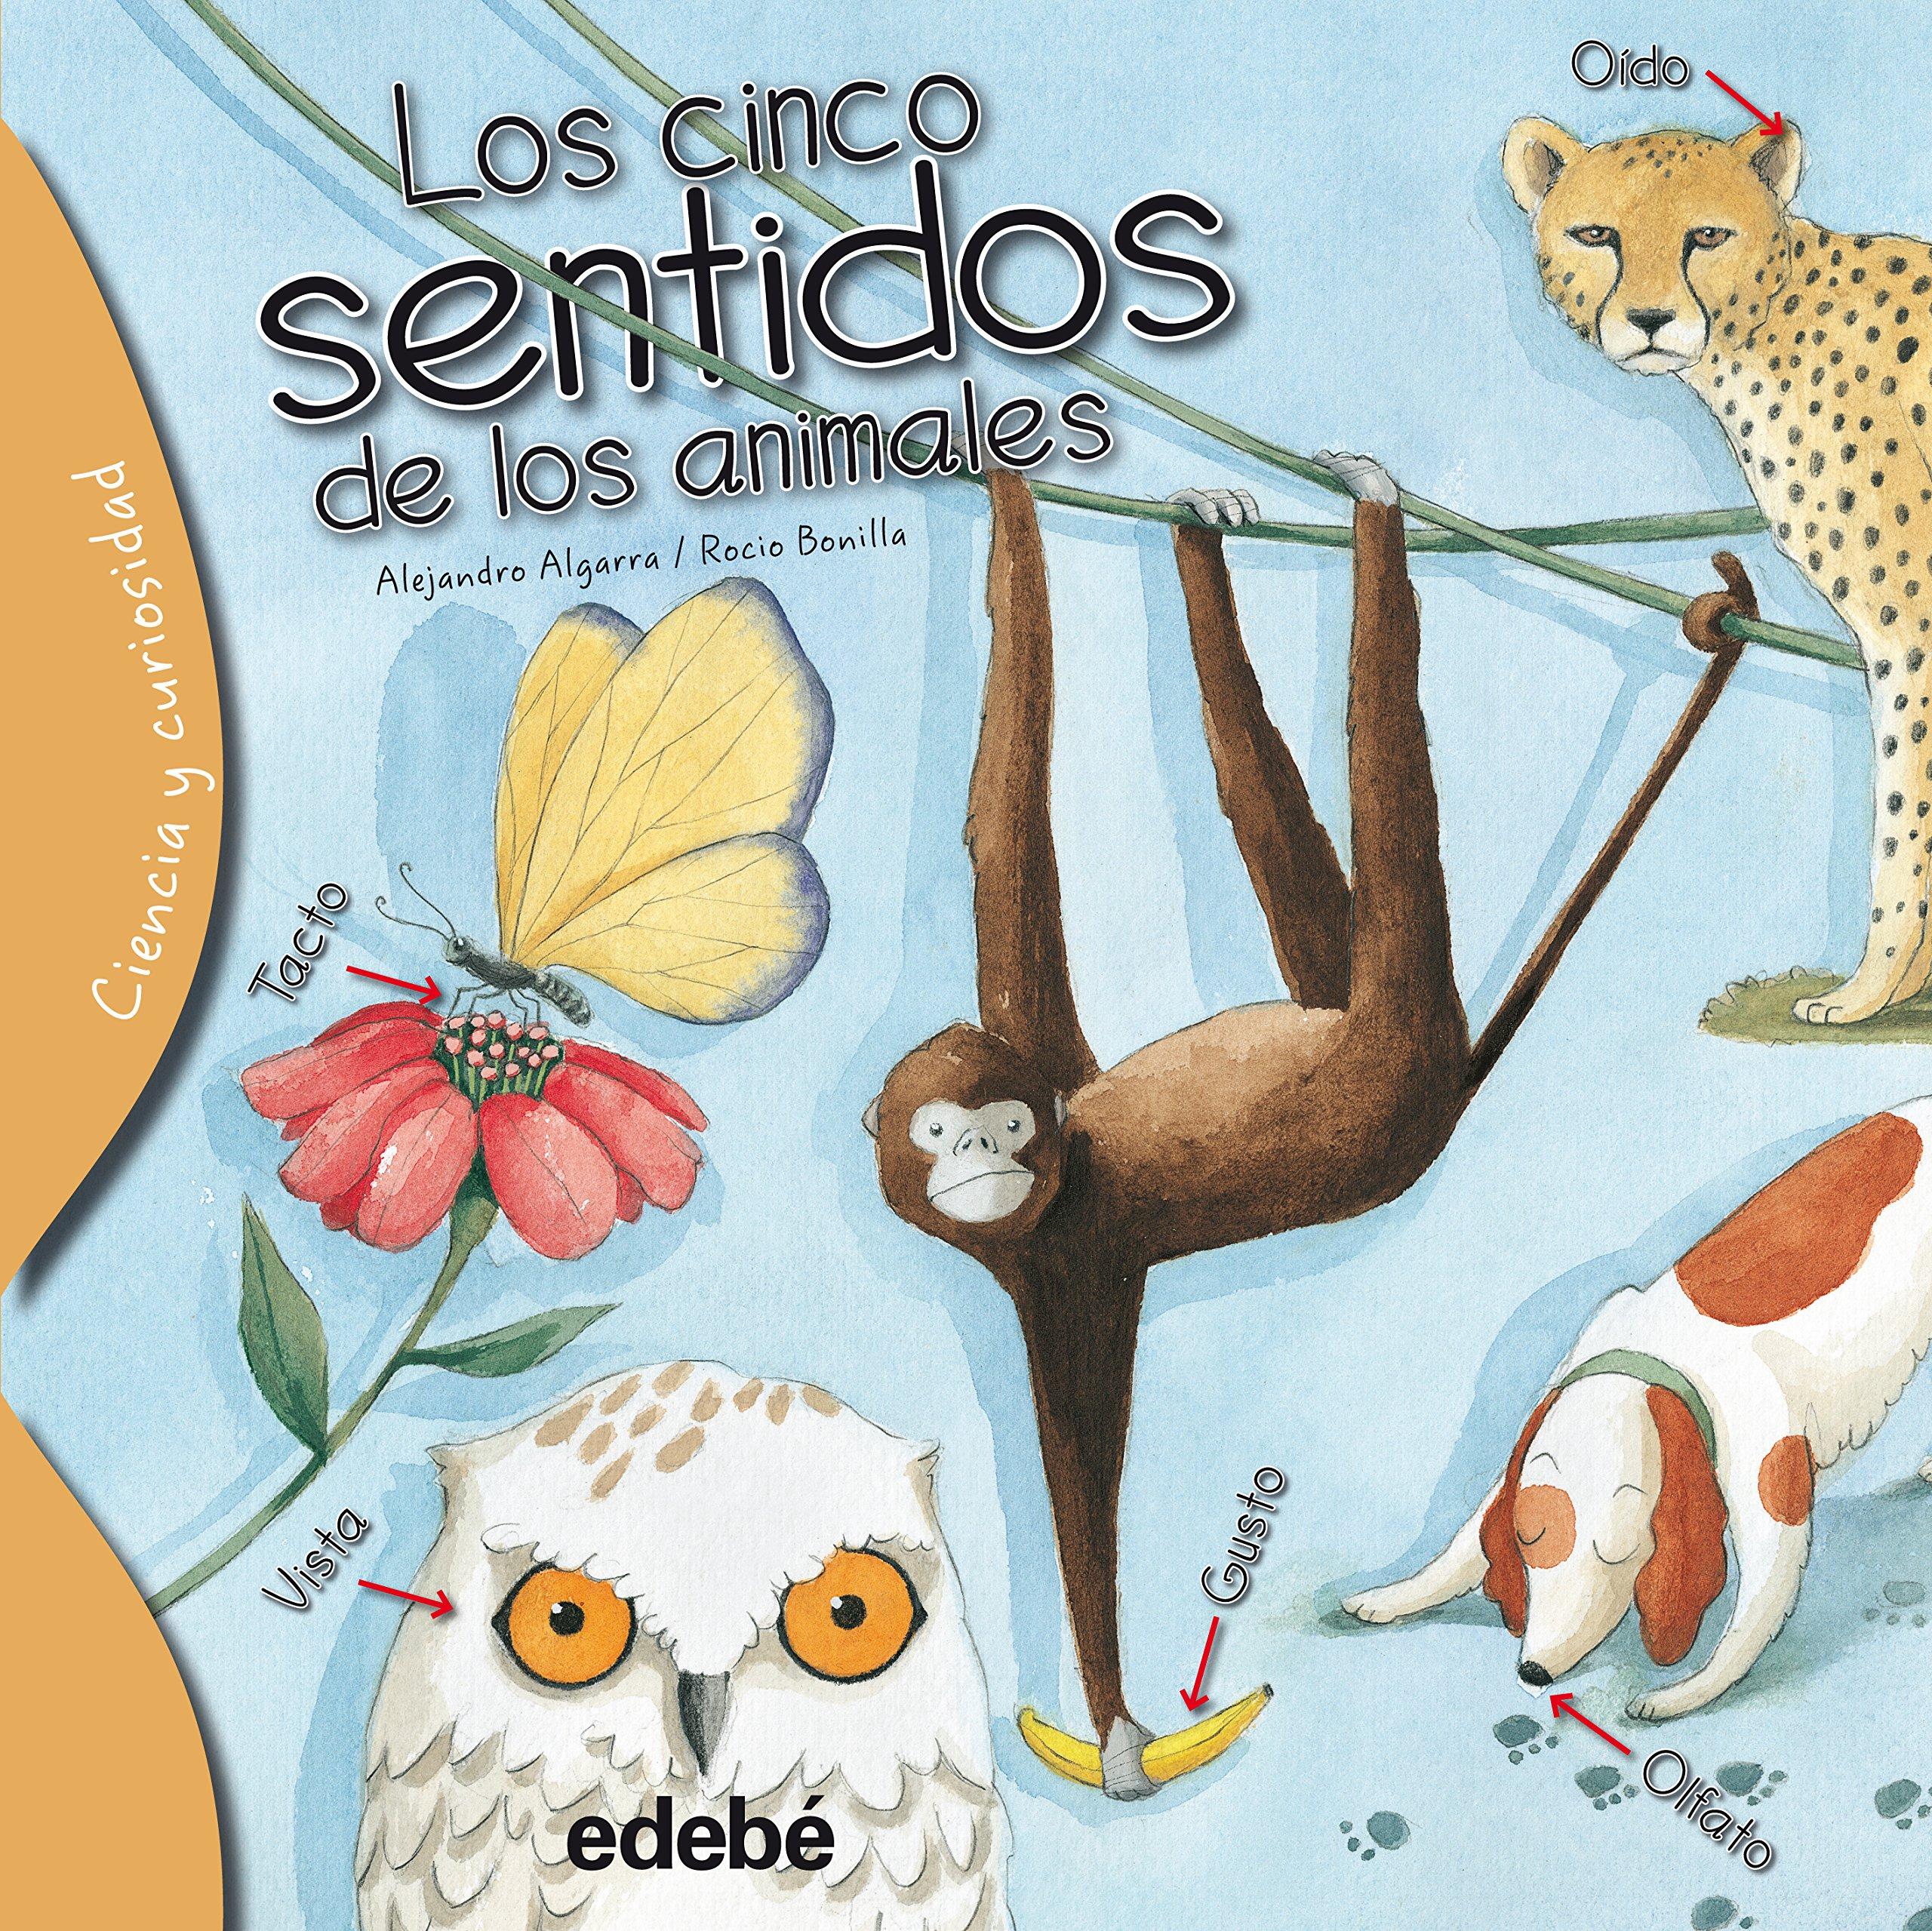 Los cinco sentidos de los animales de Alejandro Algarra